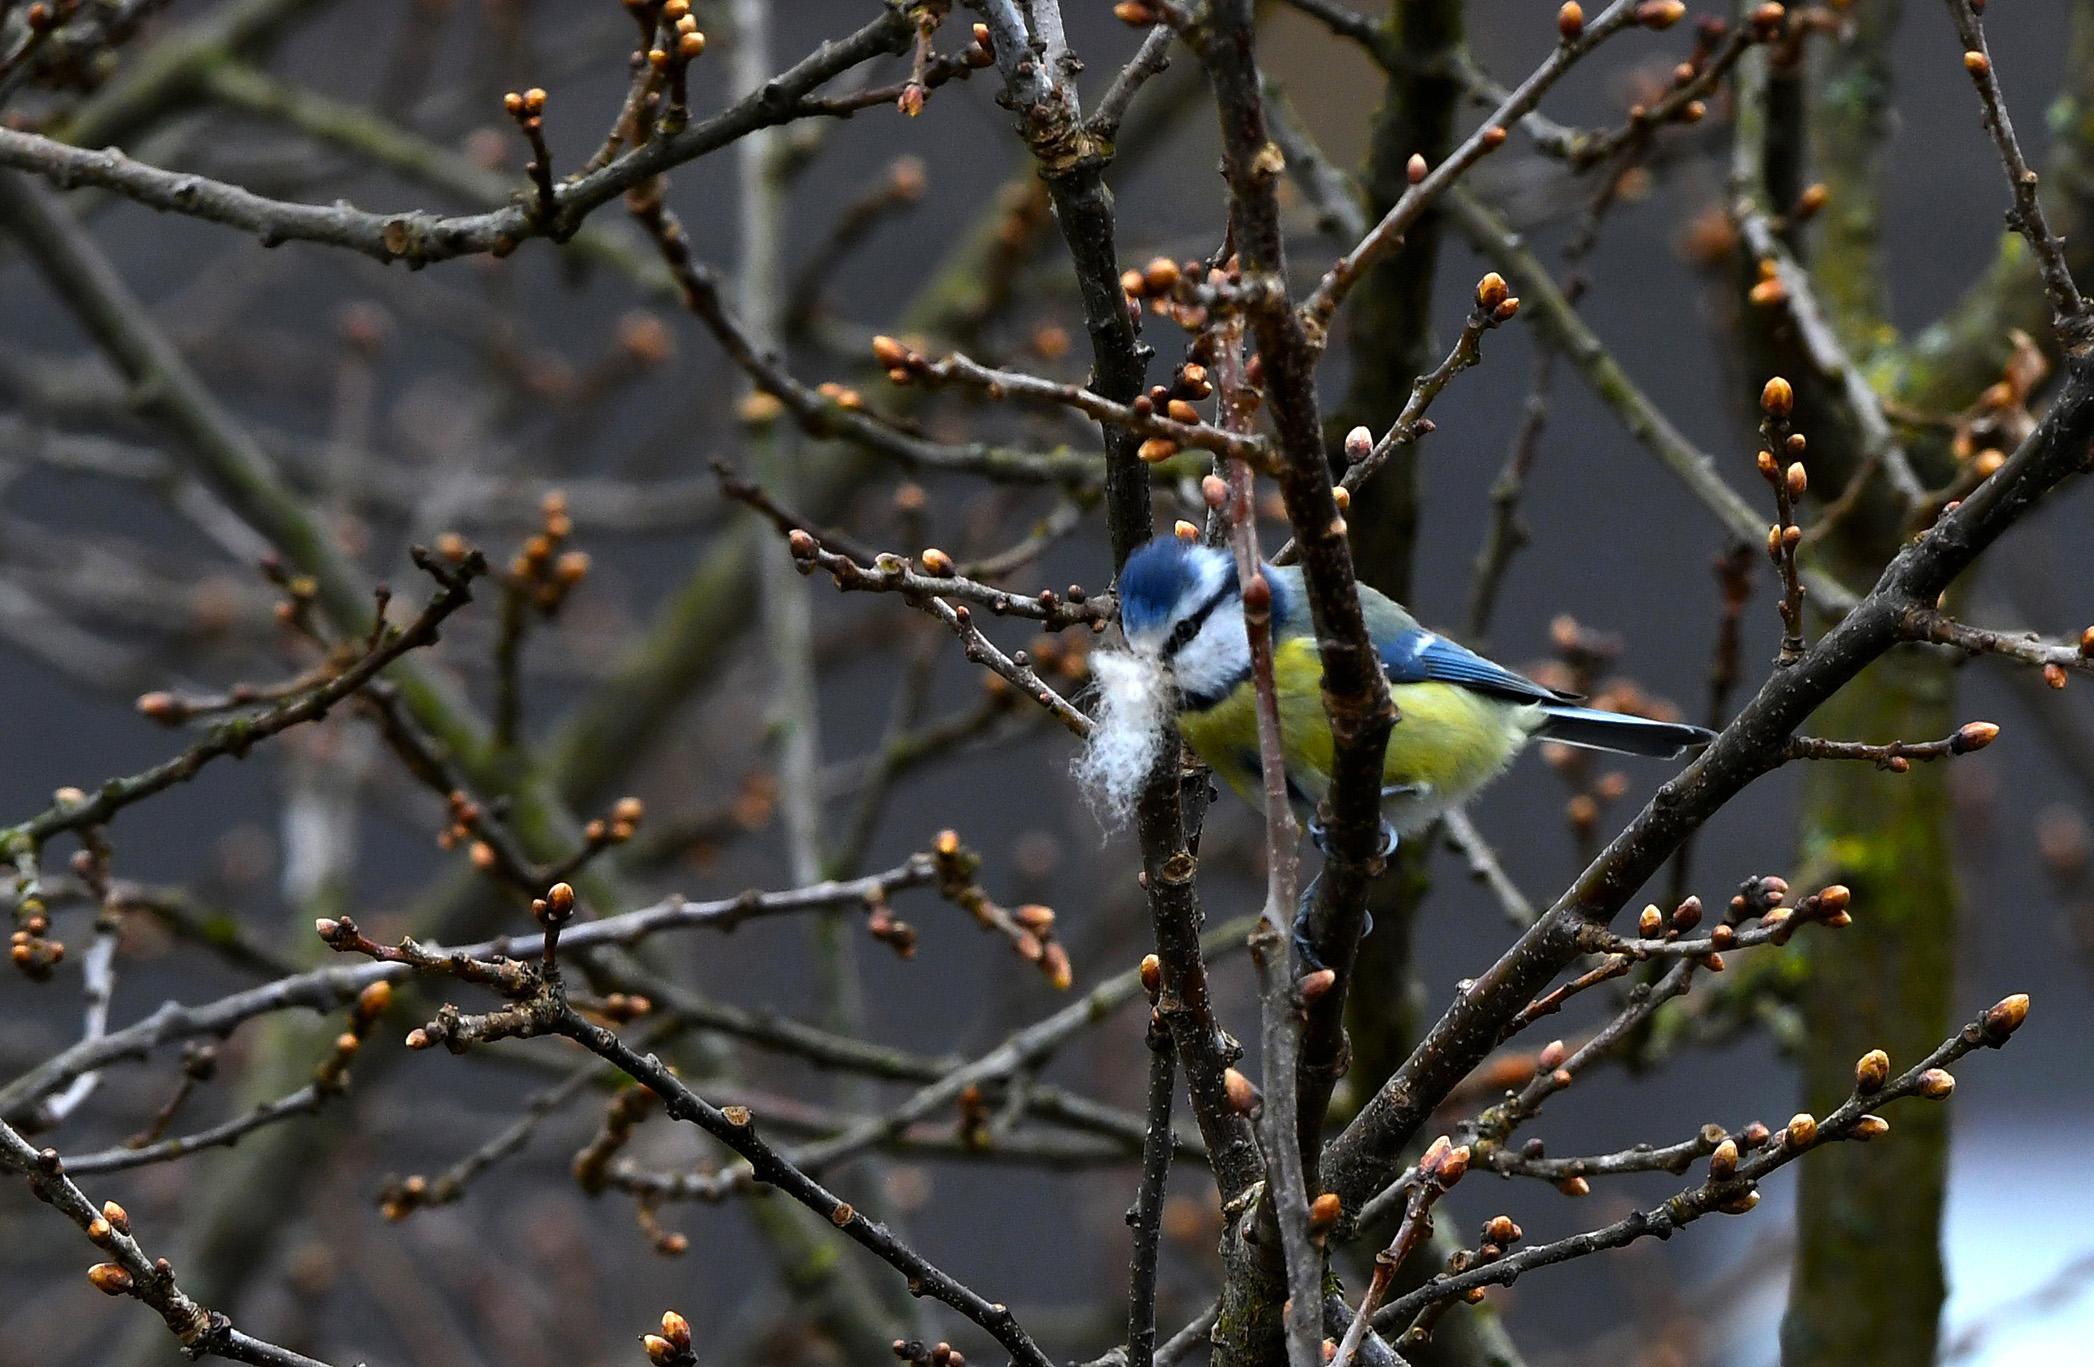 Pluisje na pluisje wordt ingevlogen, om het nest maar zo warm mogelijk zien te krijgen - Foto: ©Louis Fraanje